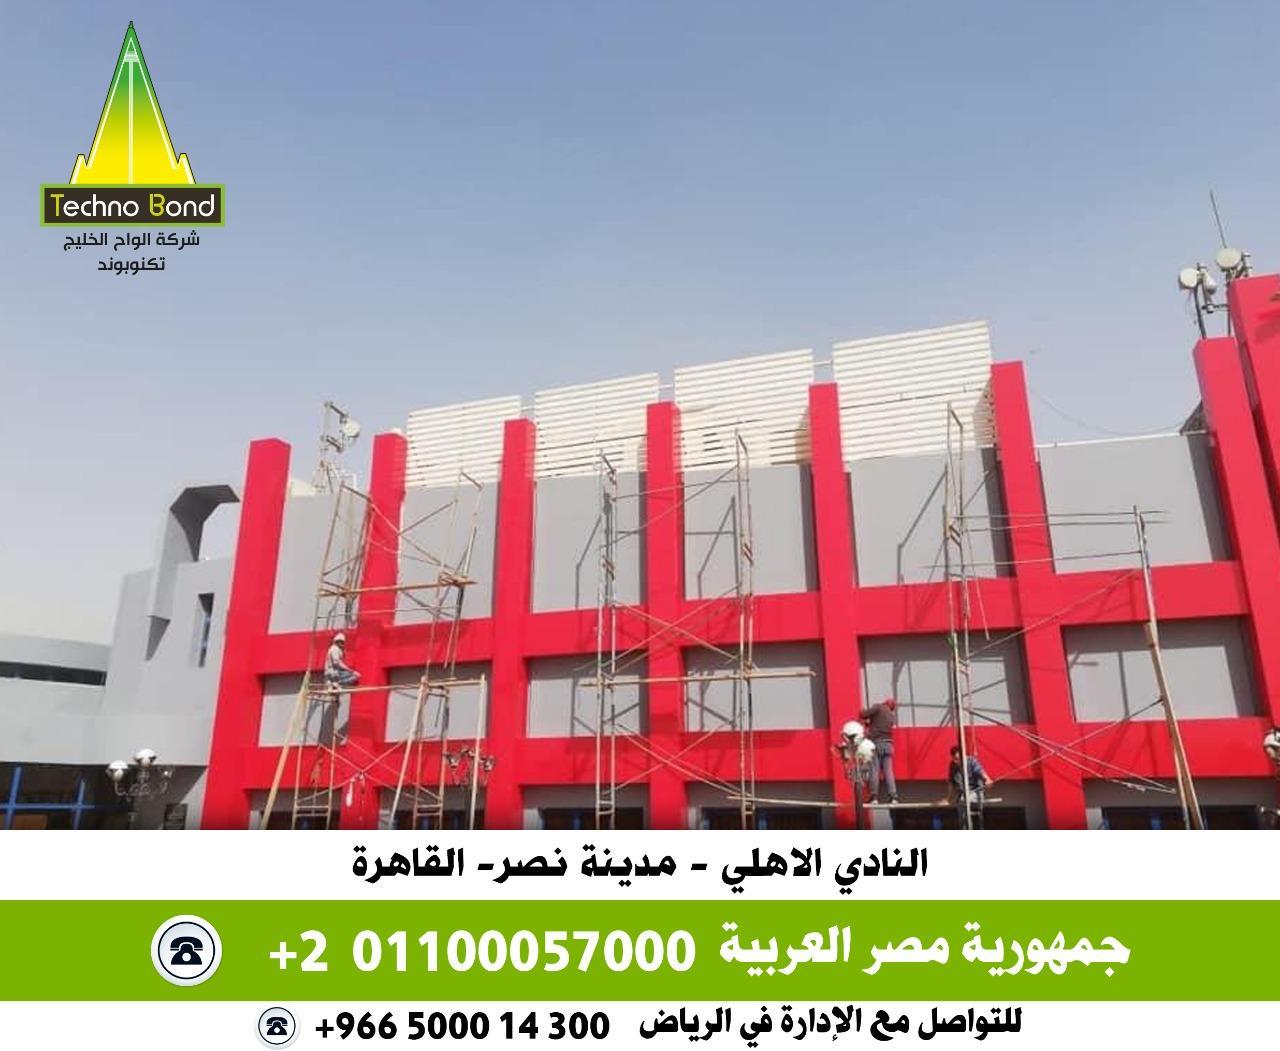 سعر الكلادينج | سعر المتر كلادينج | سعر متر الكلادينج في السعودية 165222583